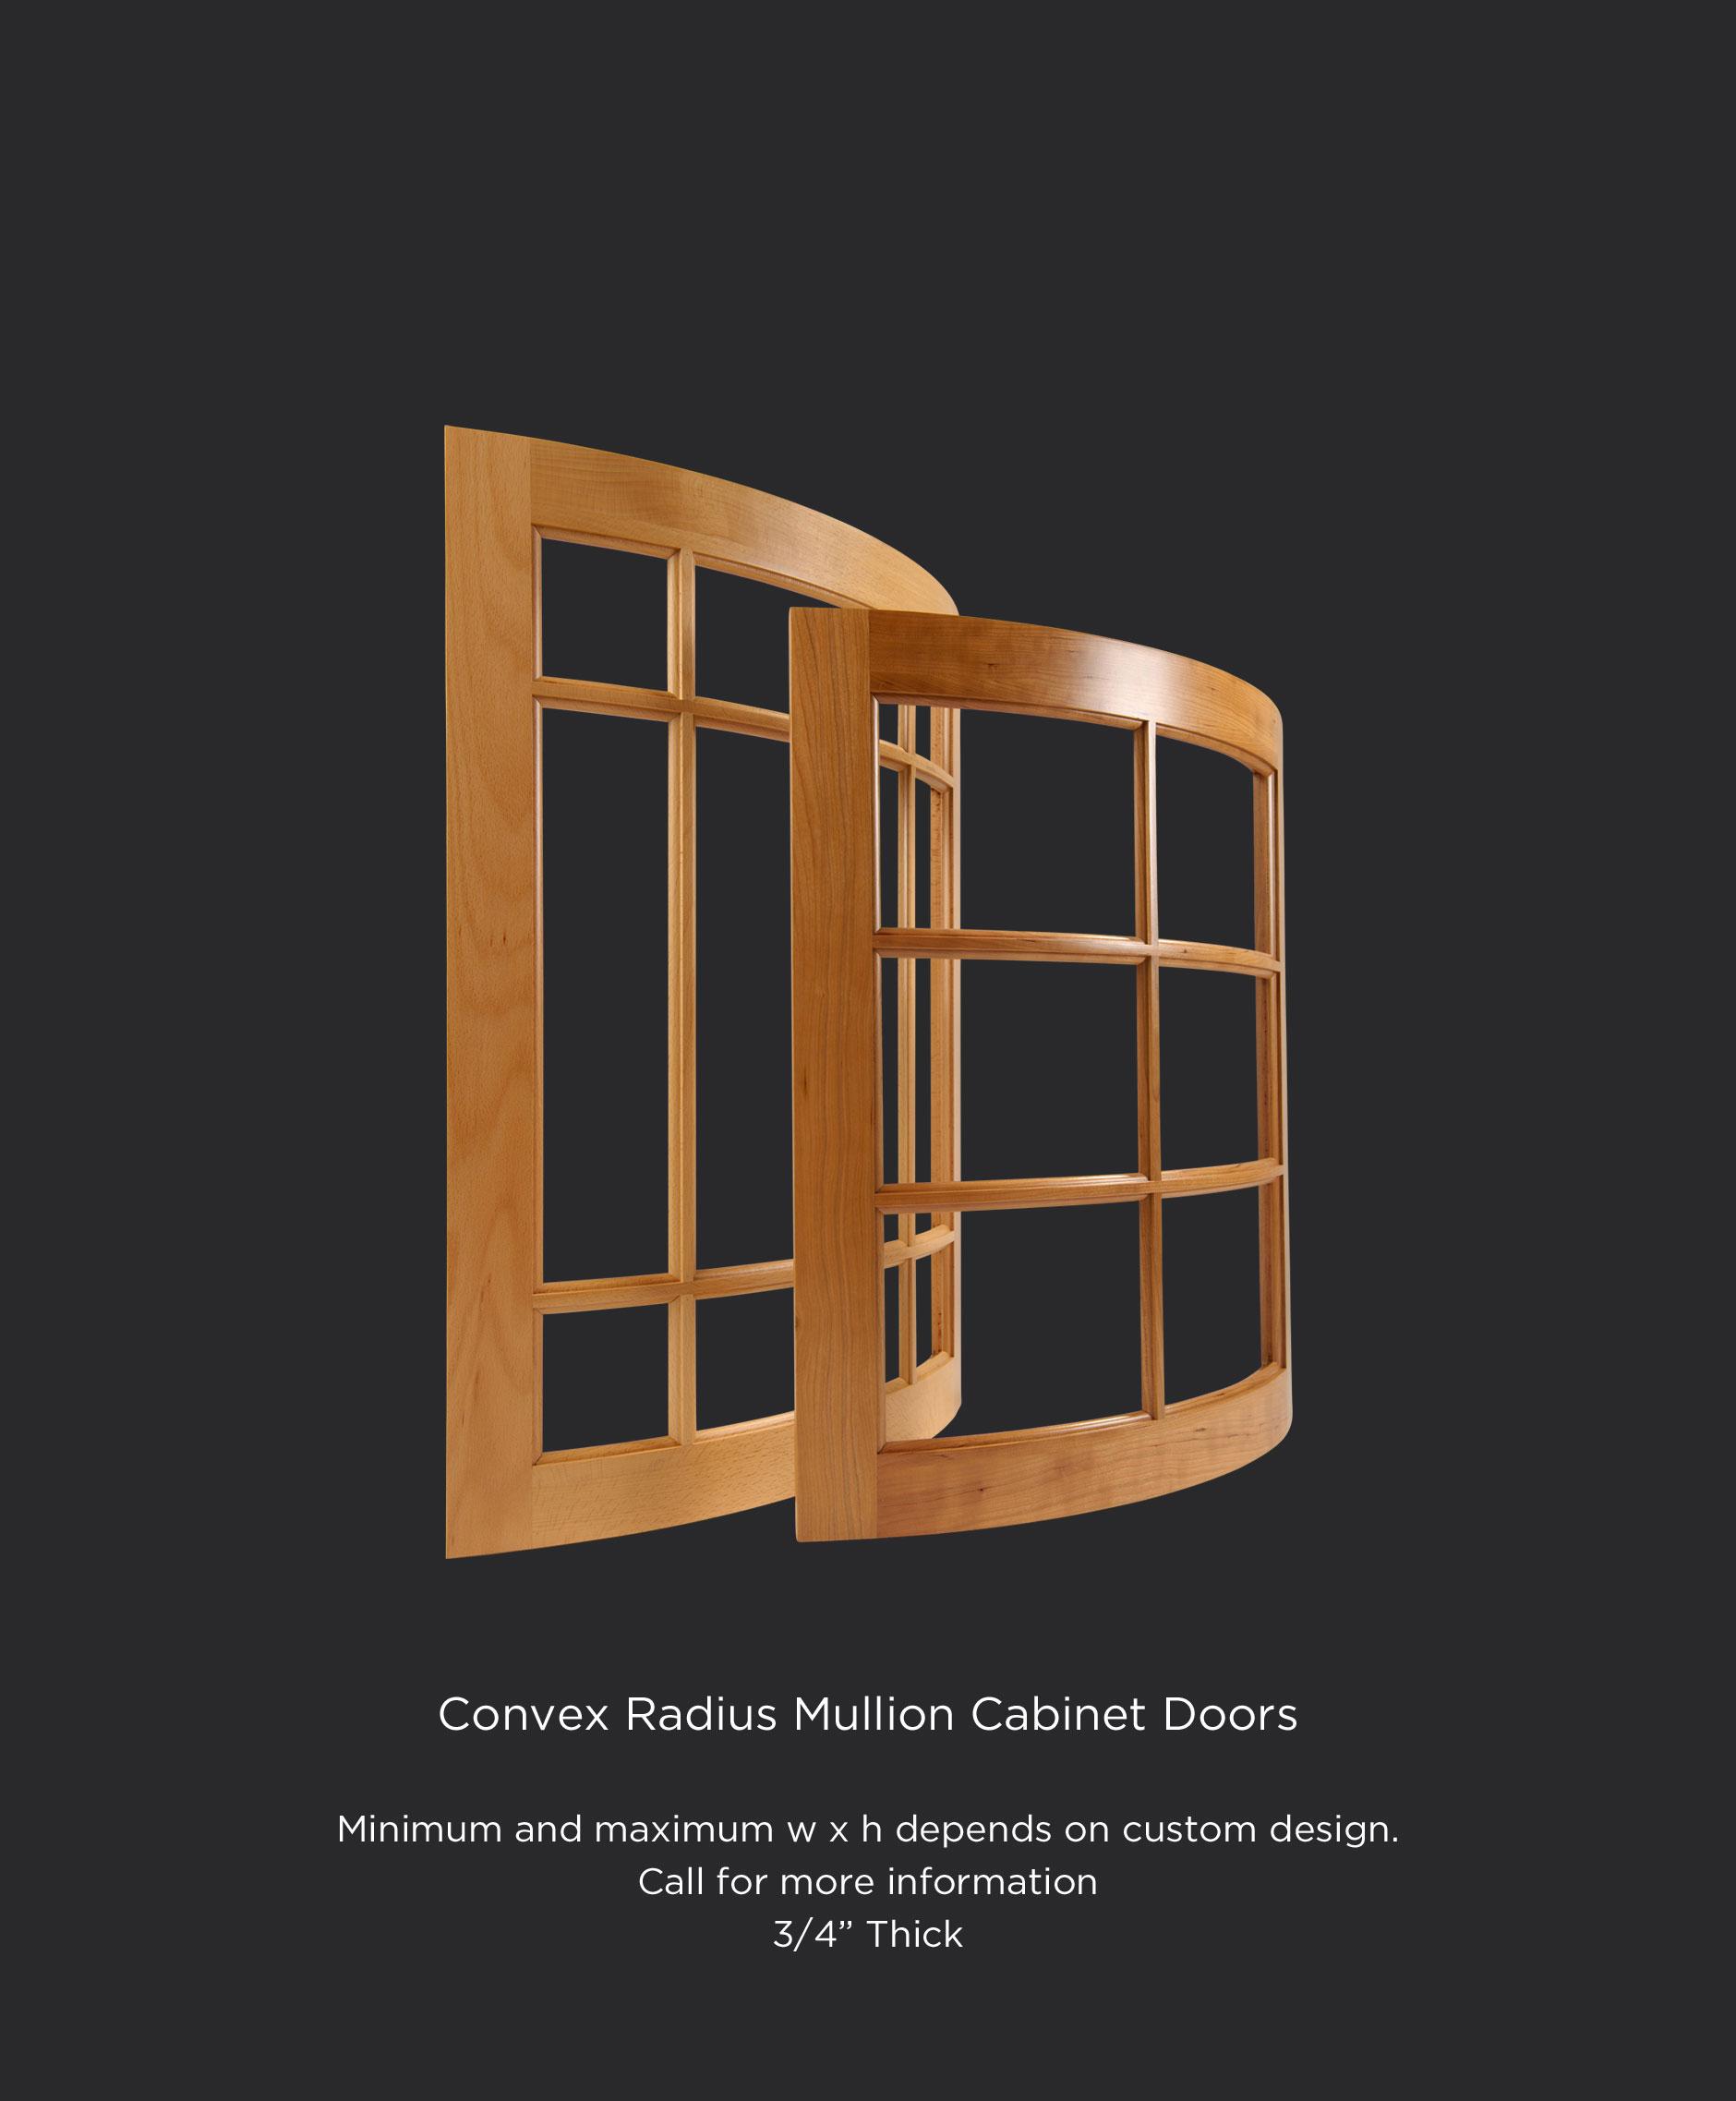 Convex radius mullion or divided lite cabinet doors